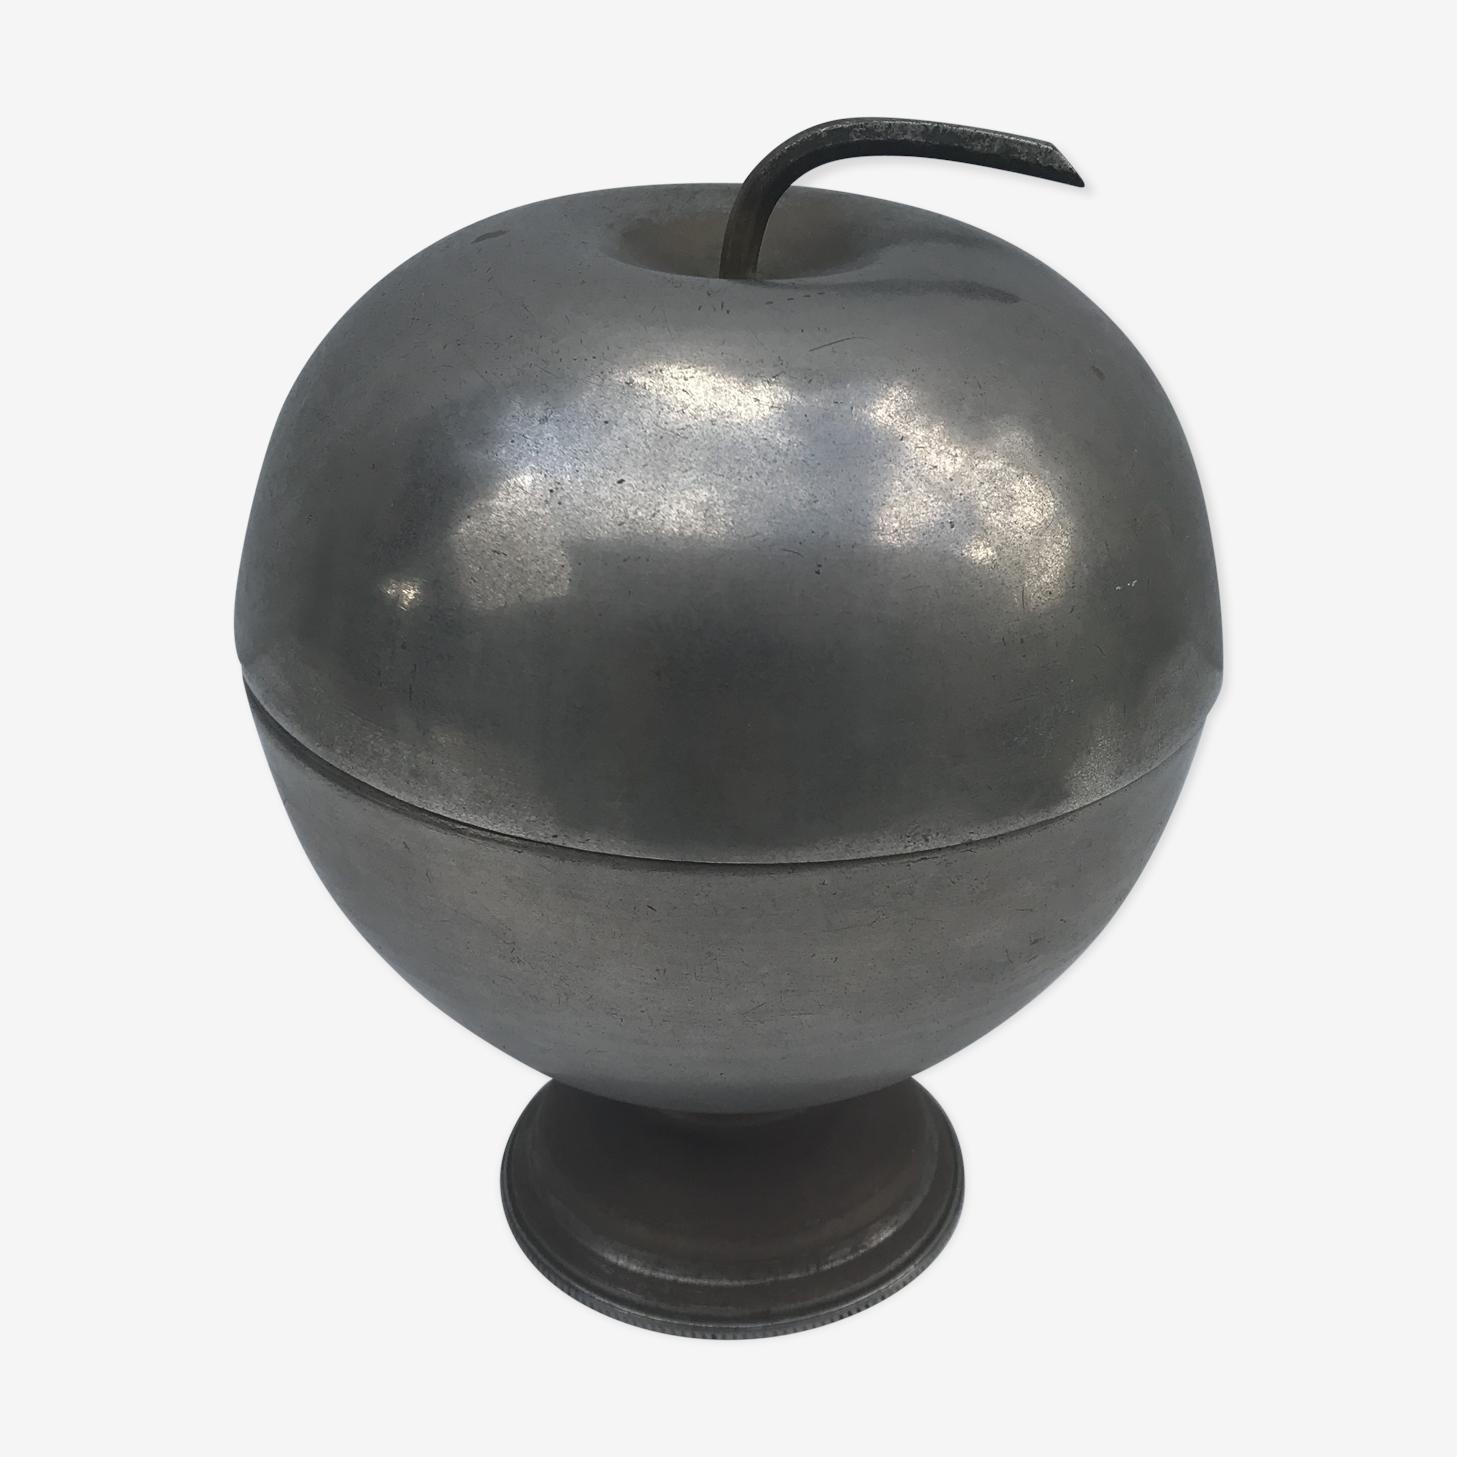 Ancien seau à glace en métal argenté pomme vintage #2